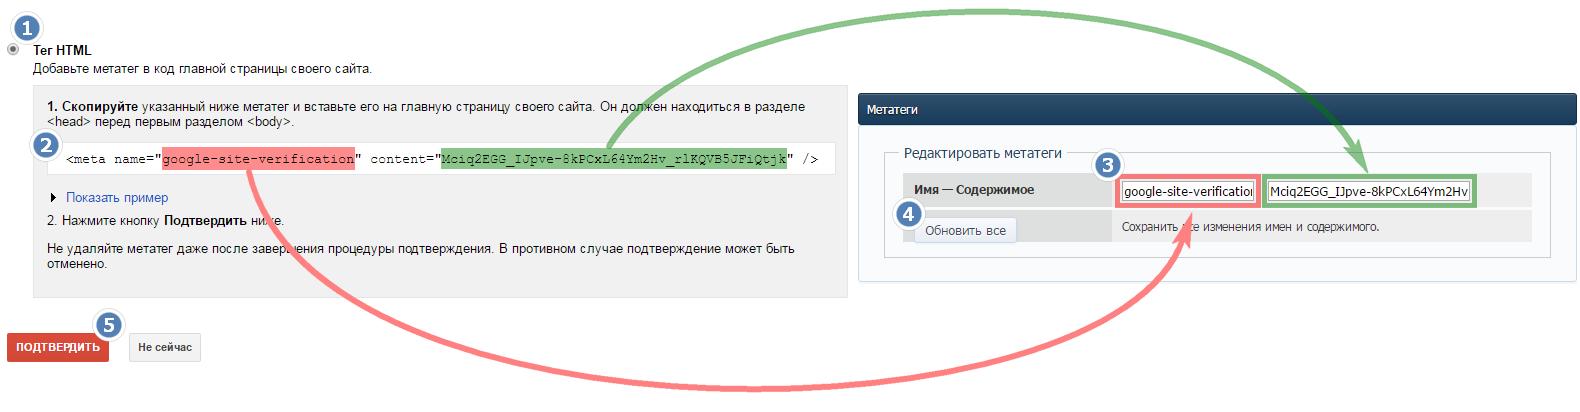 http://s4.uploads.ru/0VkLF.png